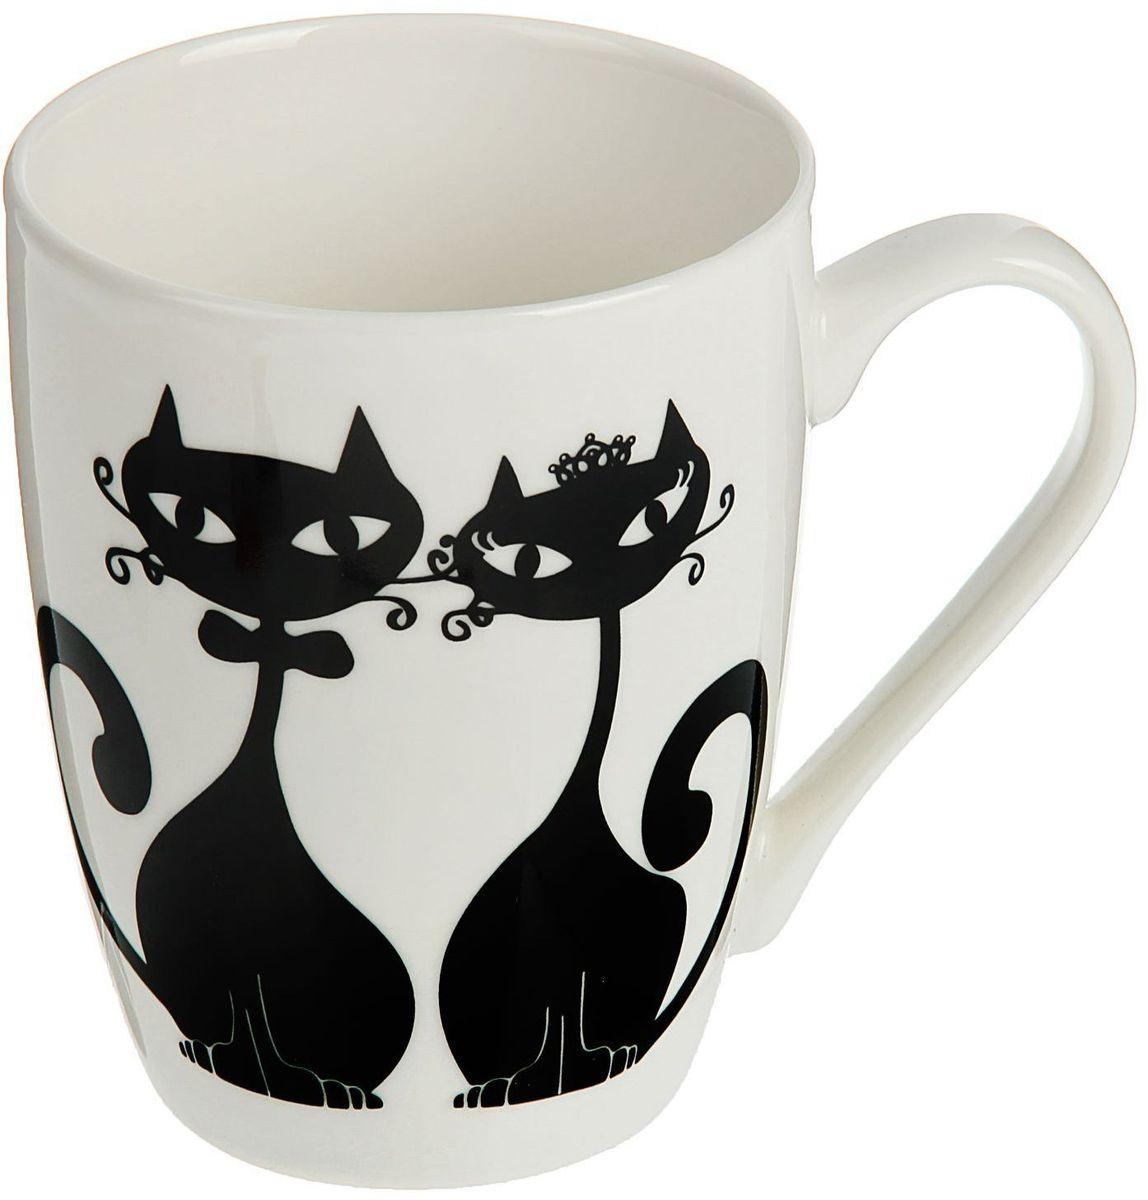 Кружка Доляна Влюбленные коты, 350 мл1116754Кружка Доляна Влюбленные коты изготовлена из керамики. Она украшена оригинальным рисунком с кошками.Кружка станет отличным подарком для родных и близких. Это любимый аксессуар на долгие годы. Относитесь к изделию бережно, и оно будет дарить прекрасное настроение каждый день.